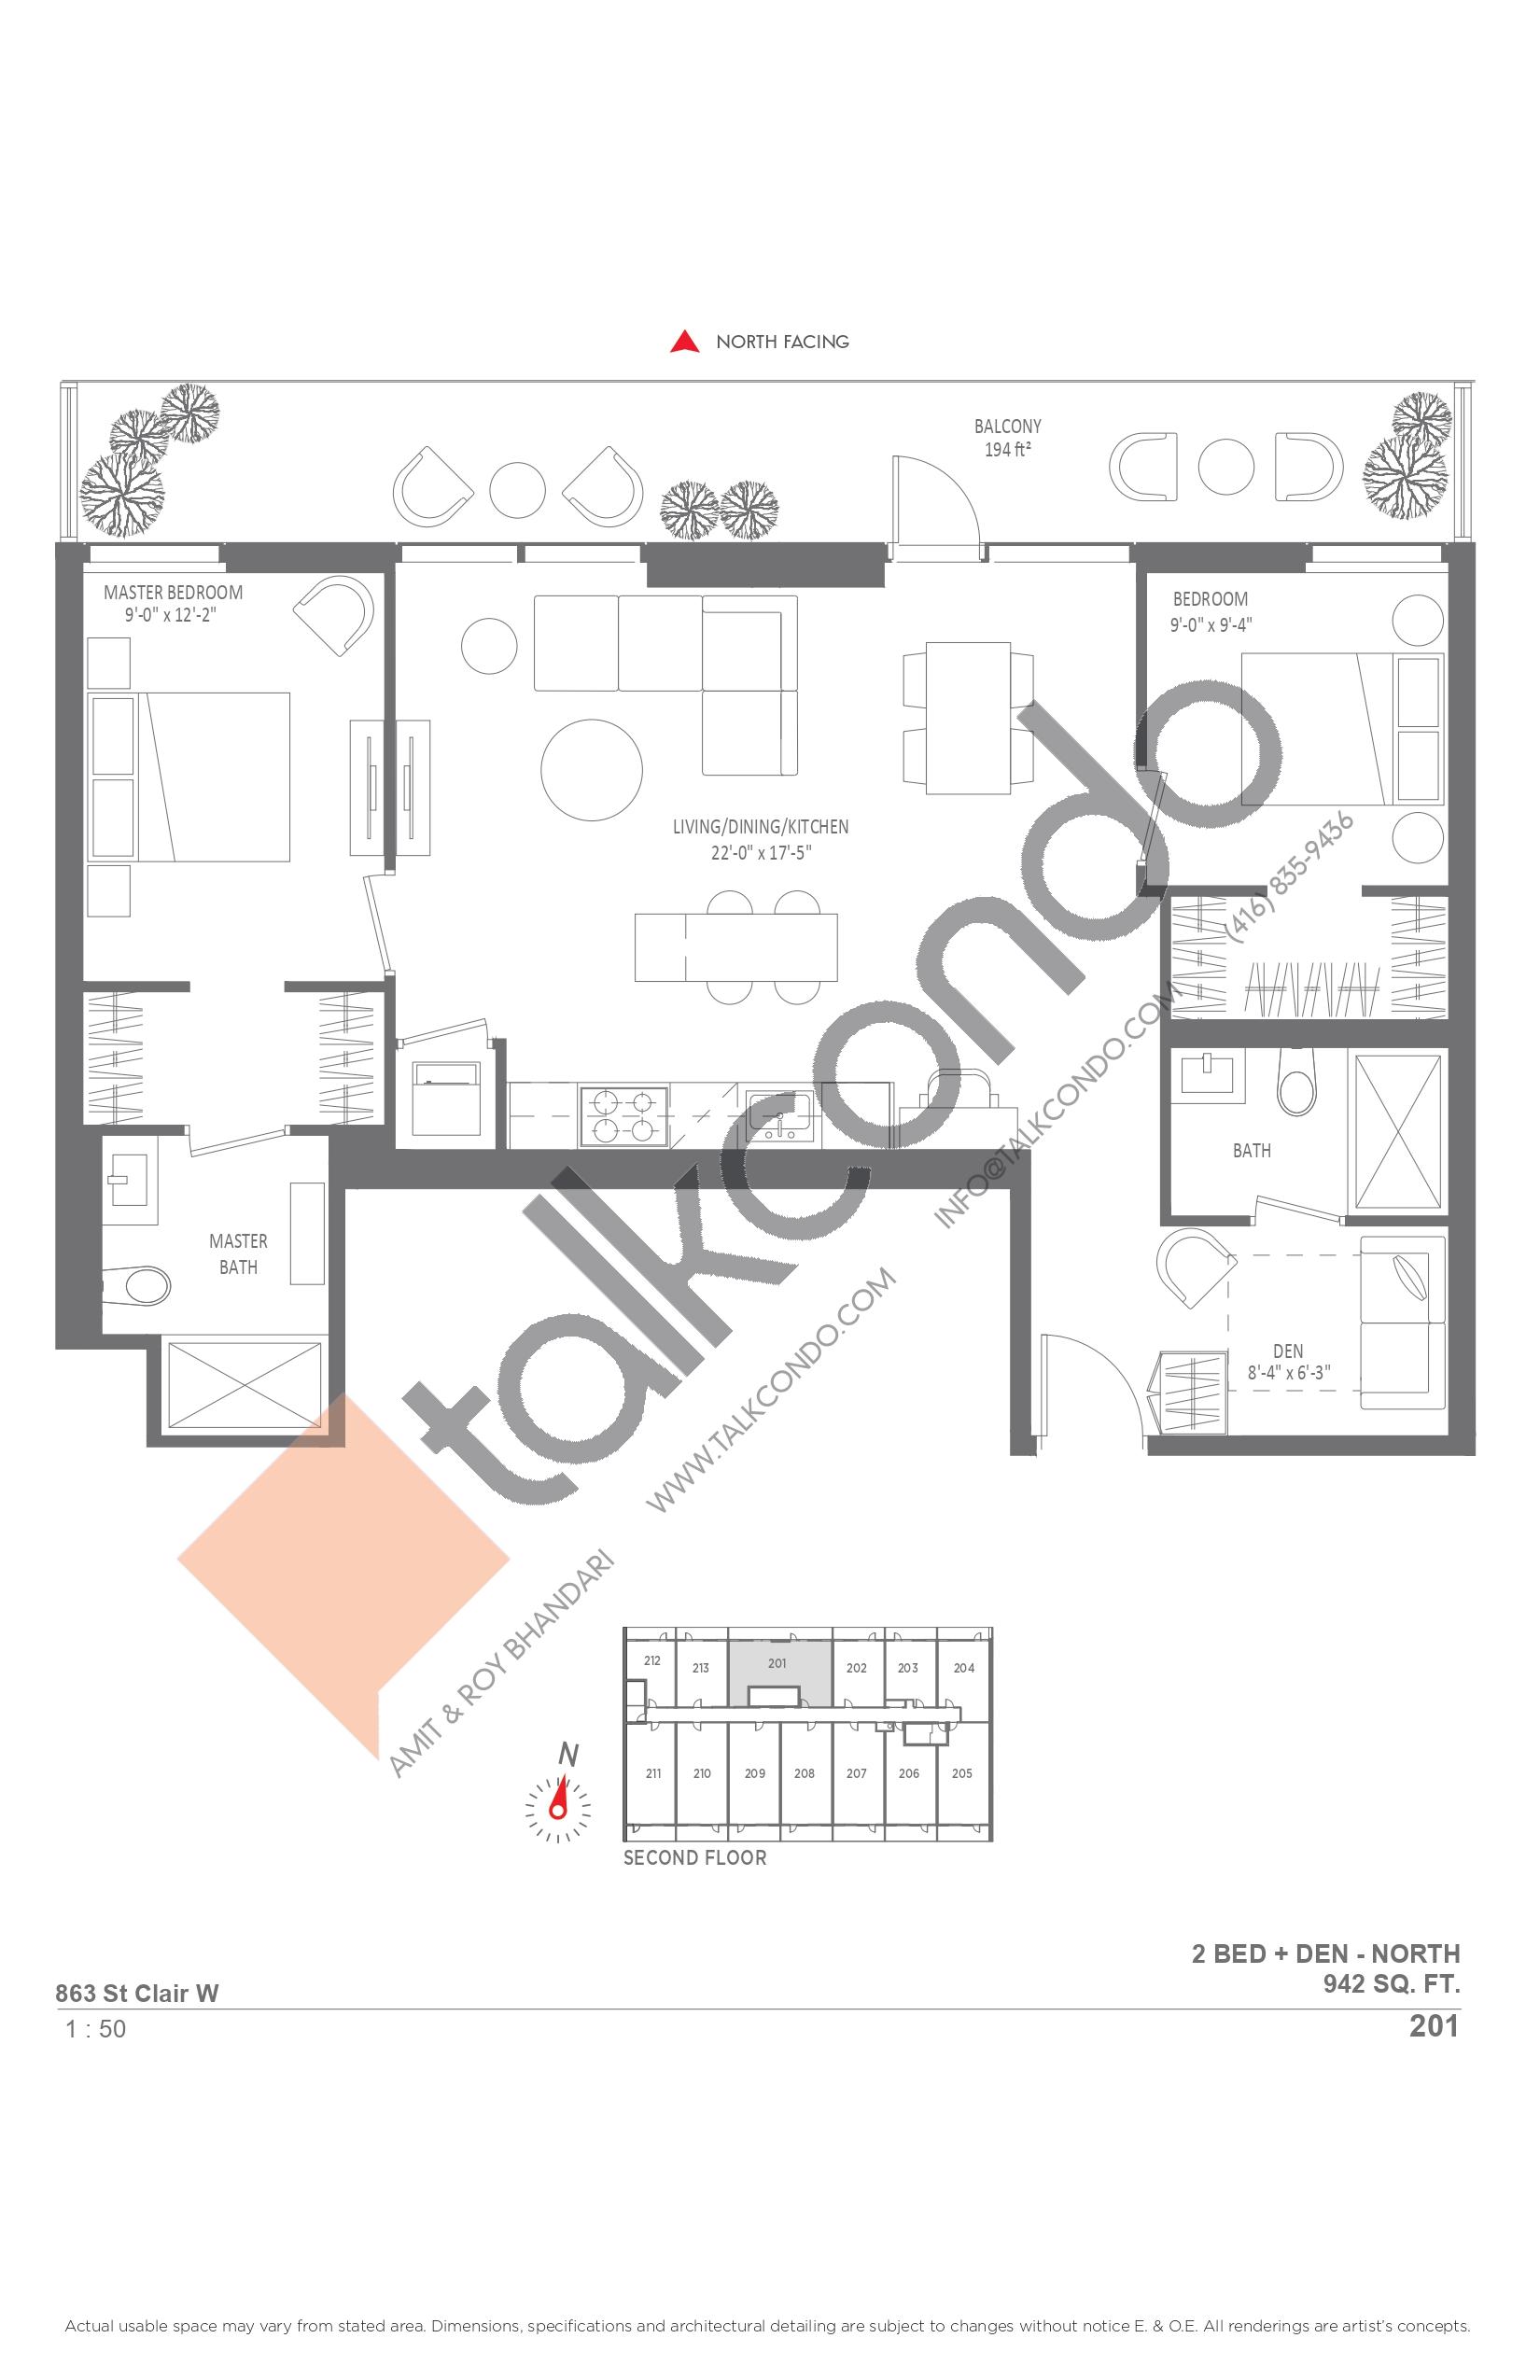 201 Floor Plan at Monza Condos - 942 sq.ft